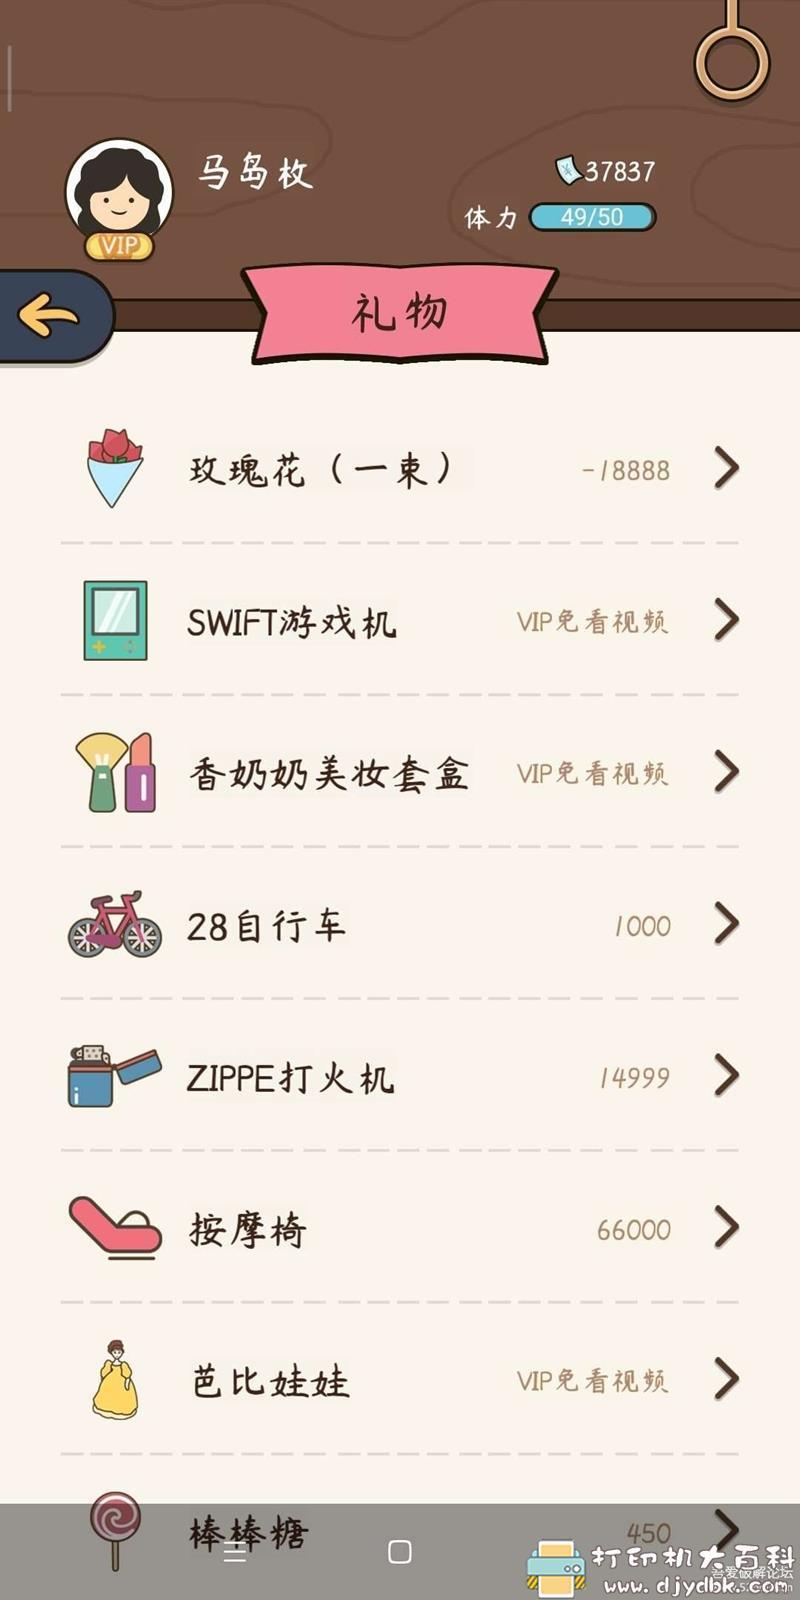 安卓游戏分享:人生模拟器:中国式人生mod版 配图 No.1